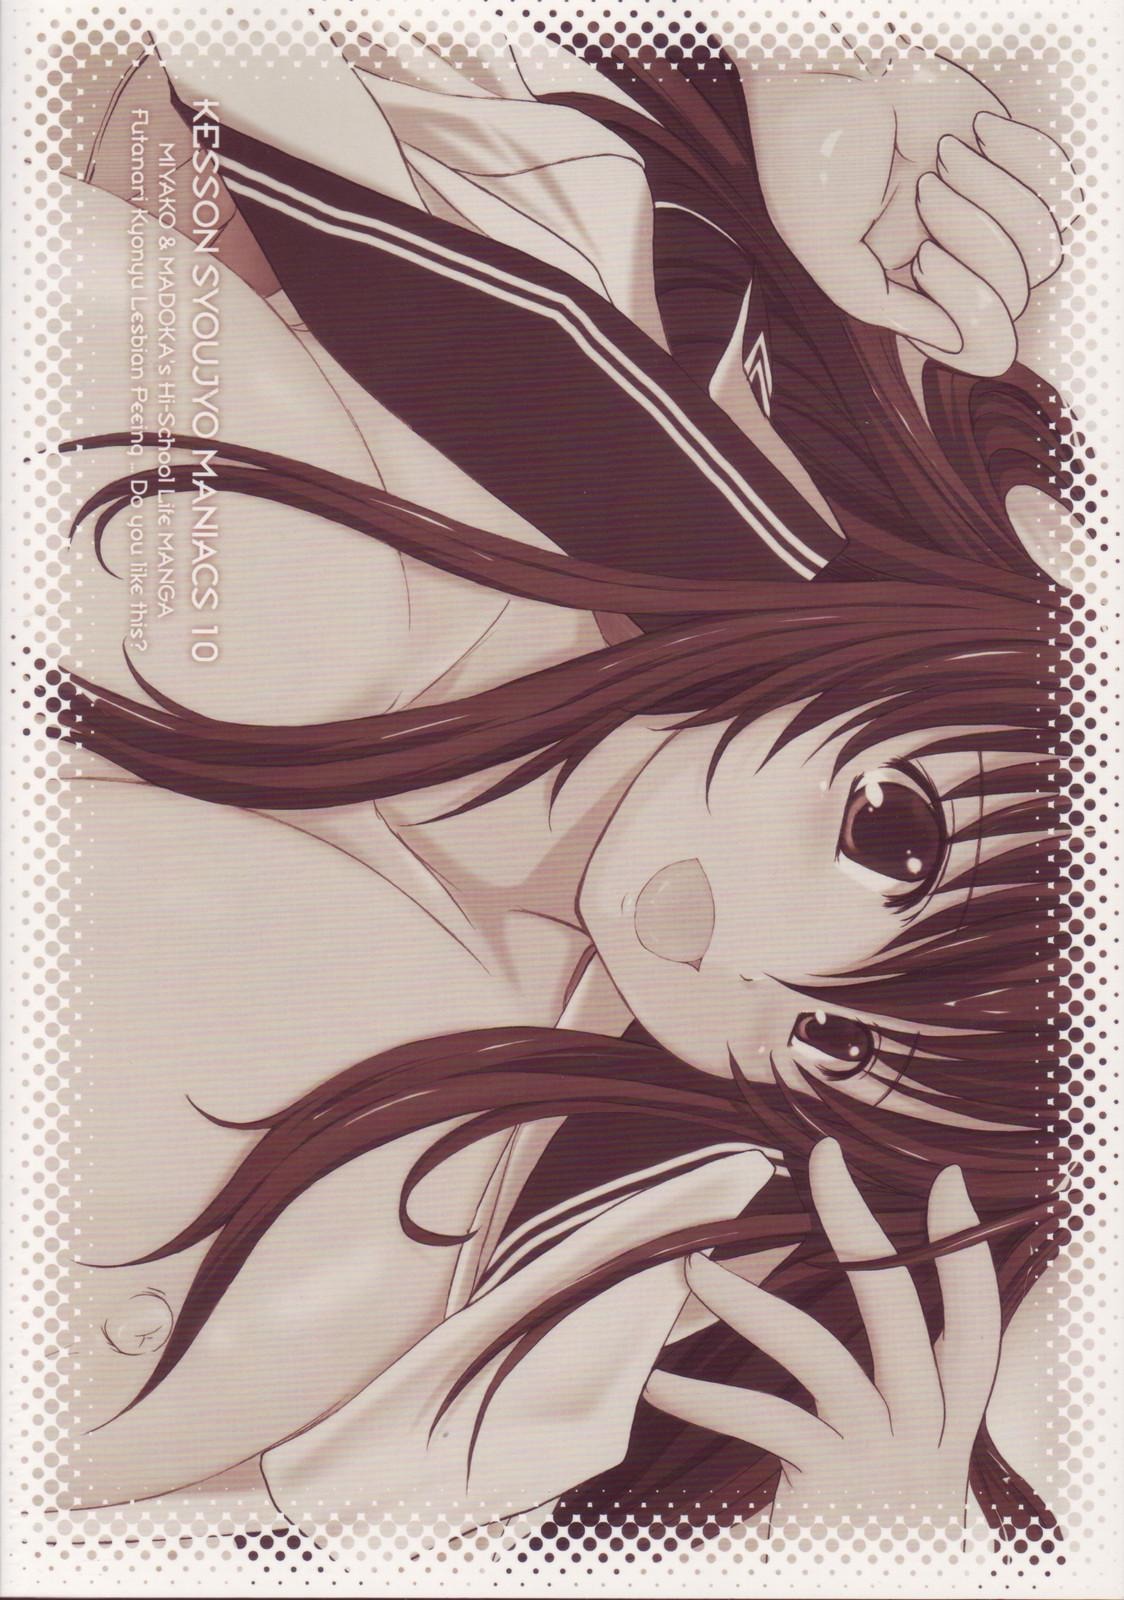 Kesson Shoujo Maniacs 10 18